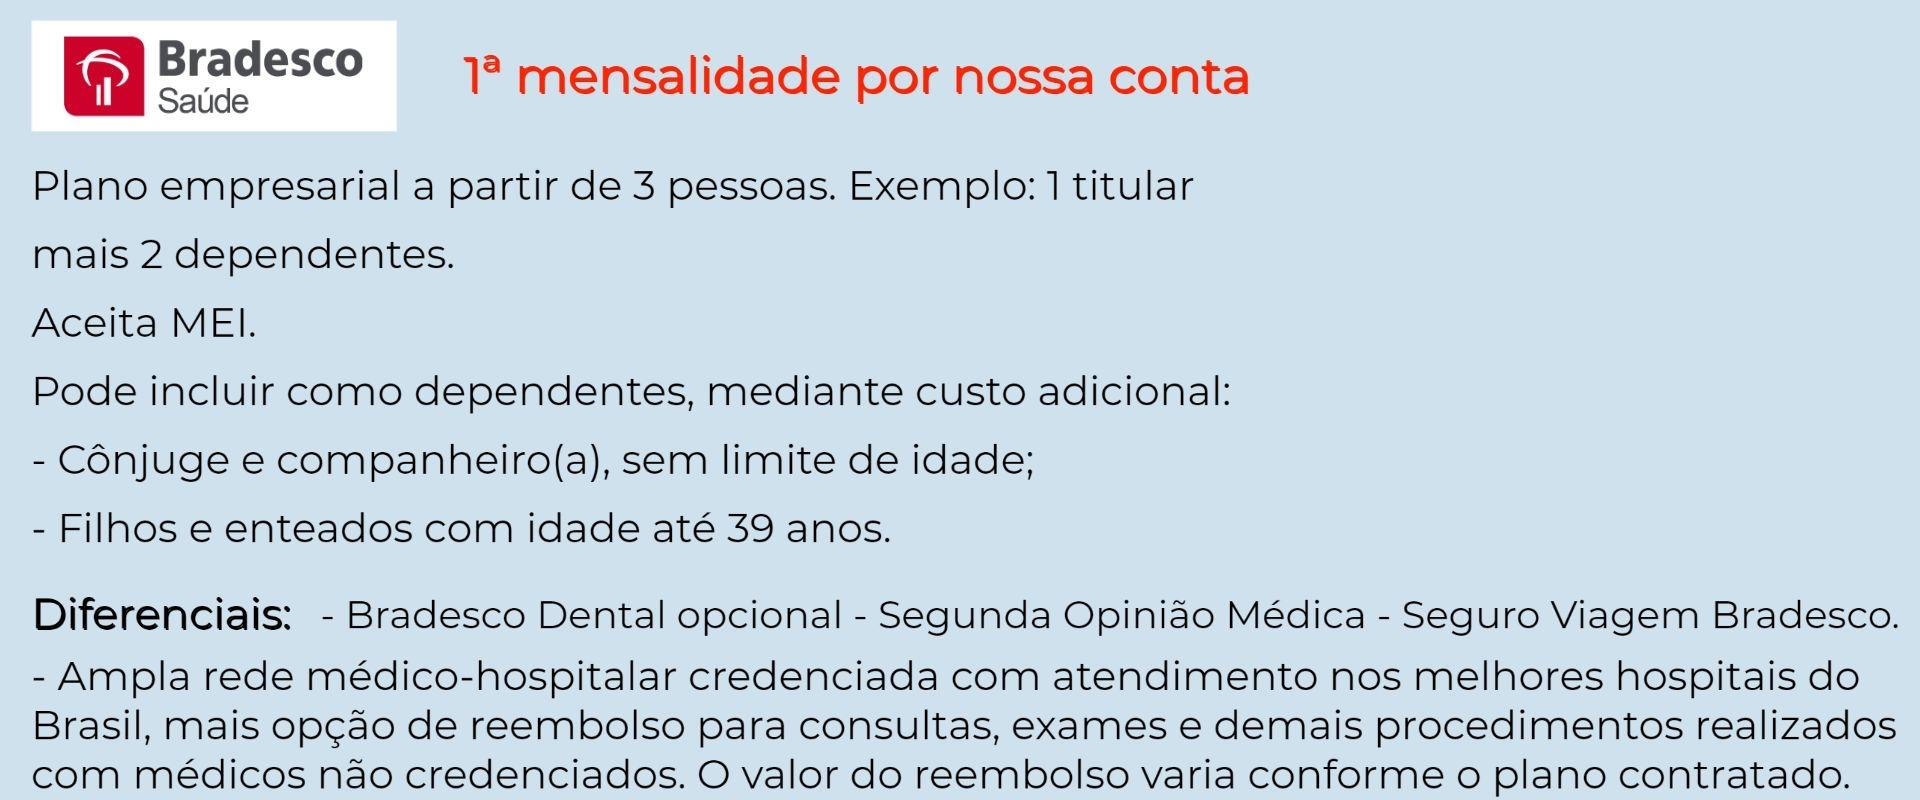 Bradesco Saúde Empresarial - Francisco Morato